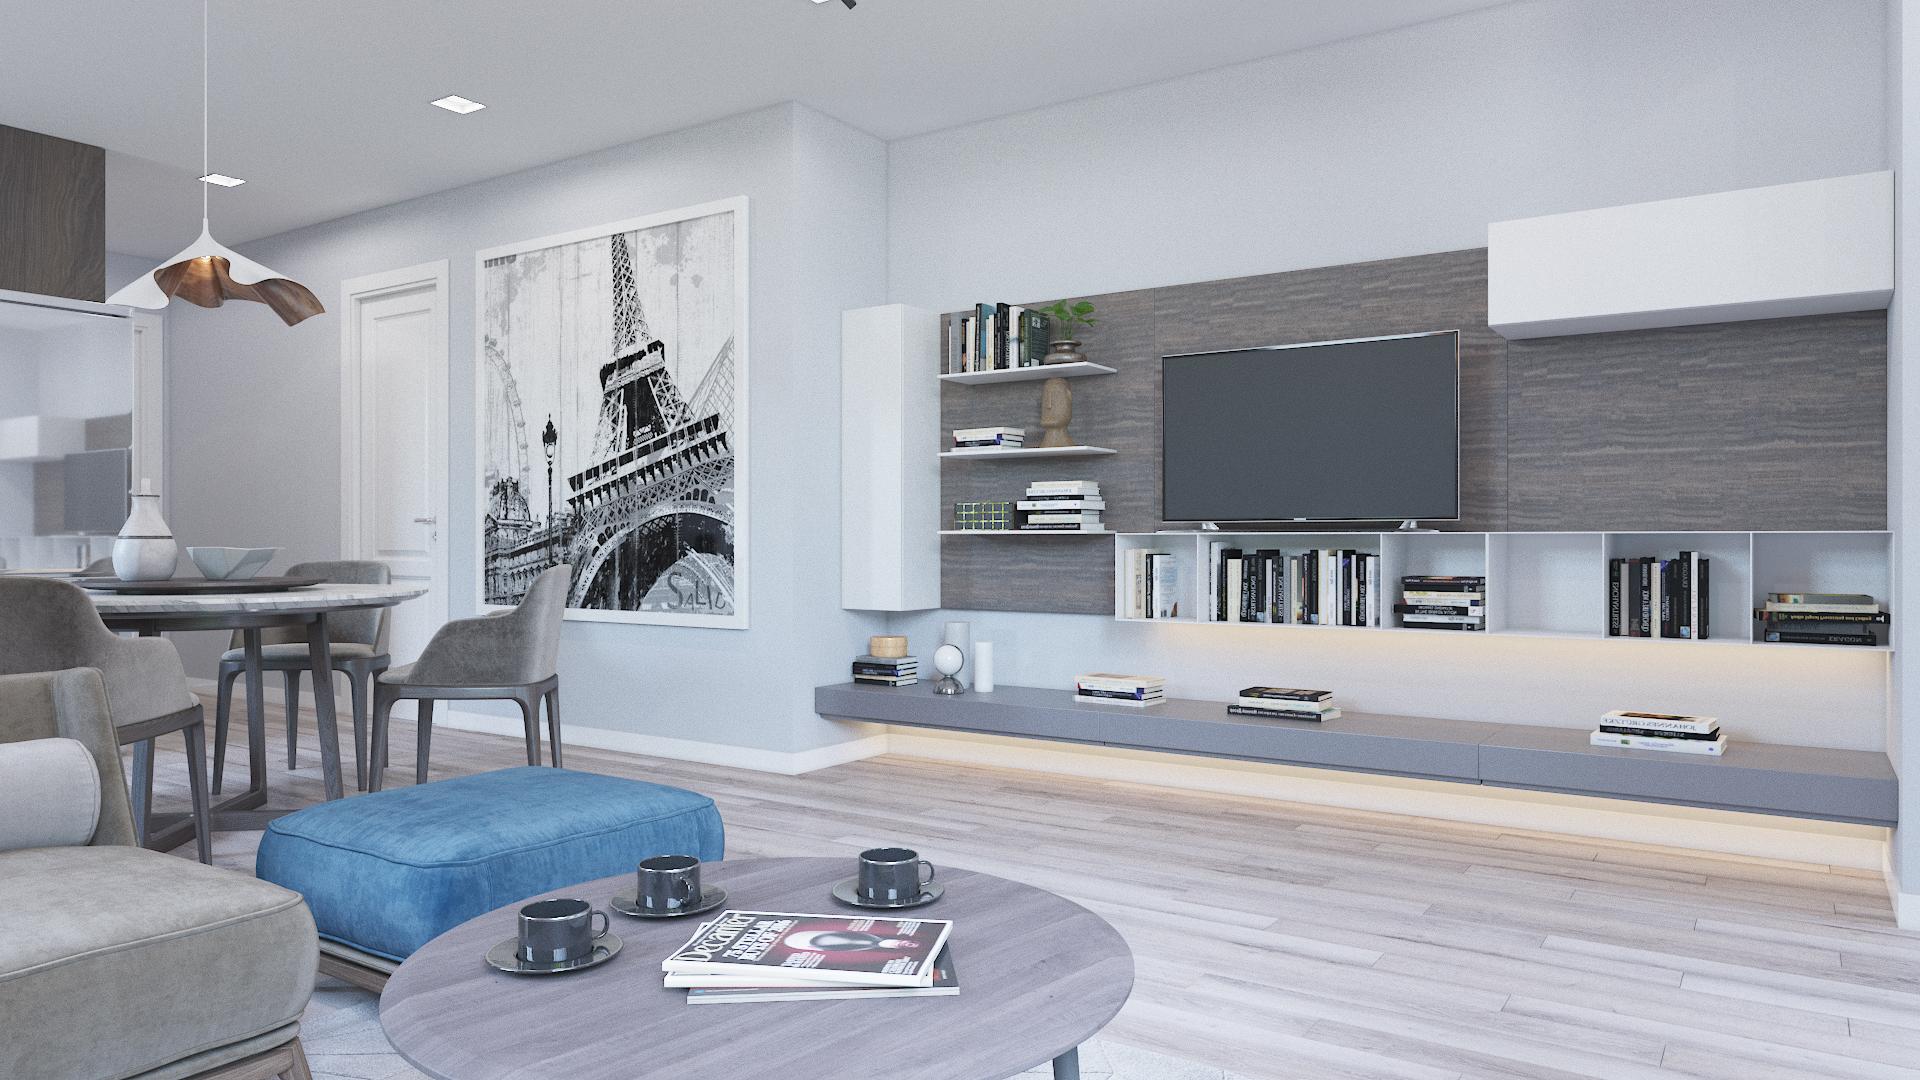 Thiết kế kiến trúc nội thất Buôn Ma Thuột - UNIZ   Mẫu thiết kế nhà ở miễn phí hiện đại cho gia đình trẻ